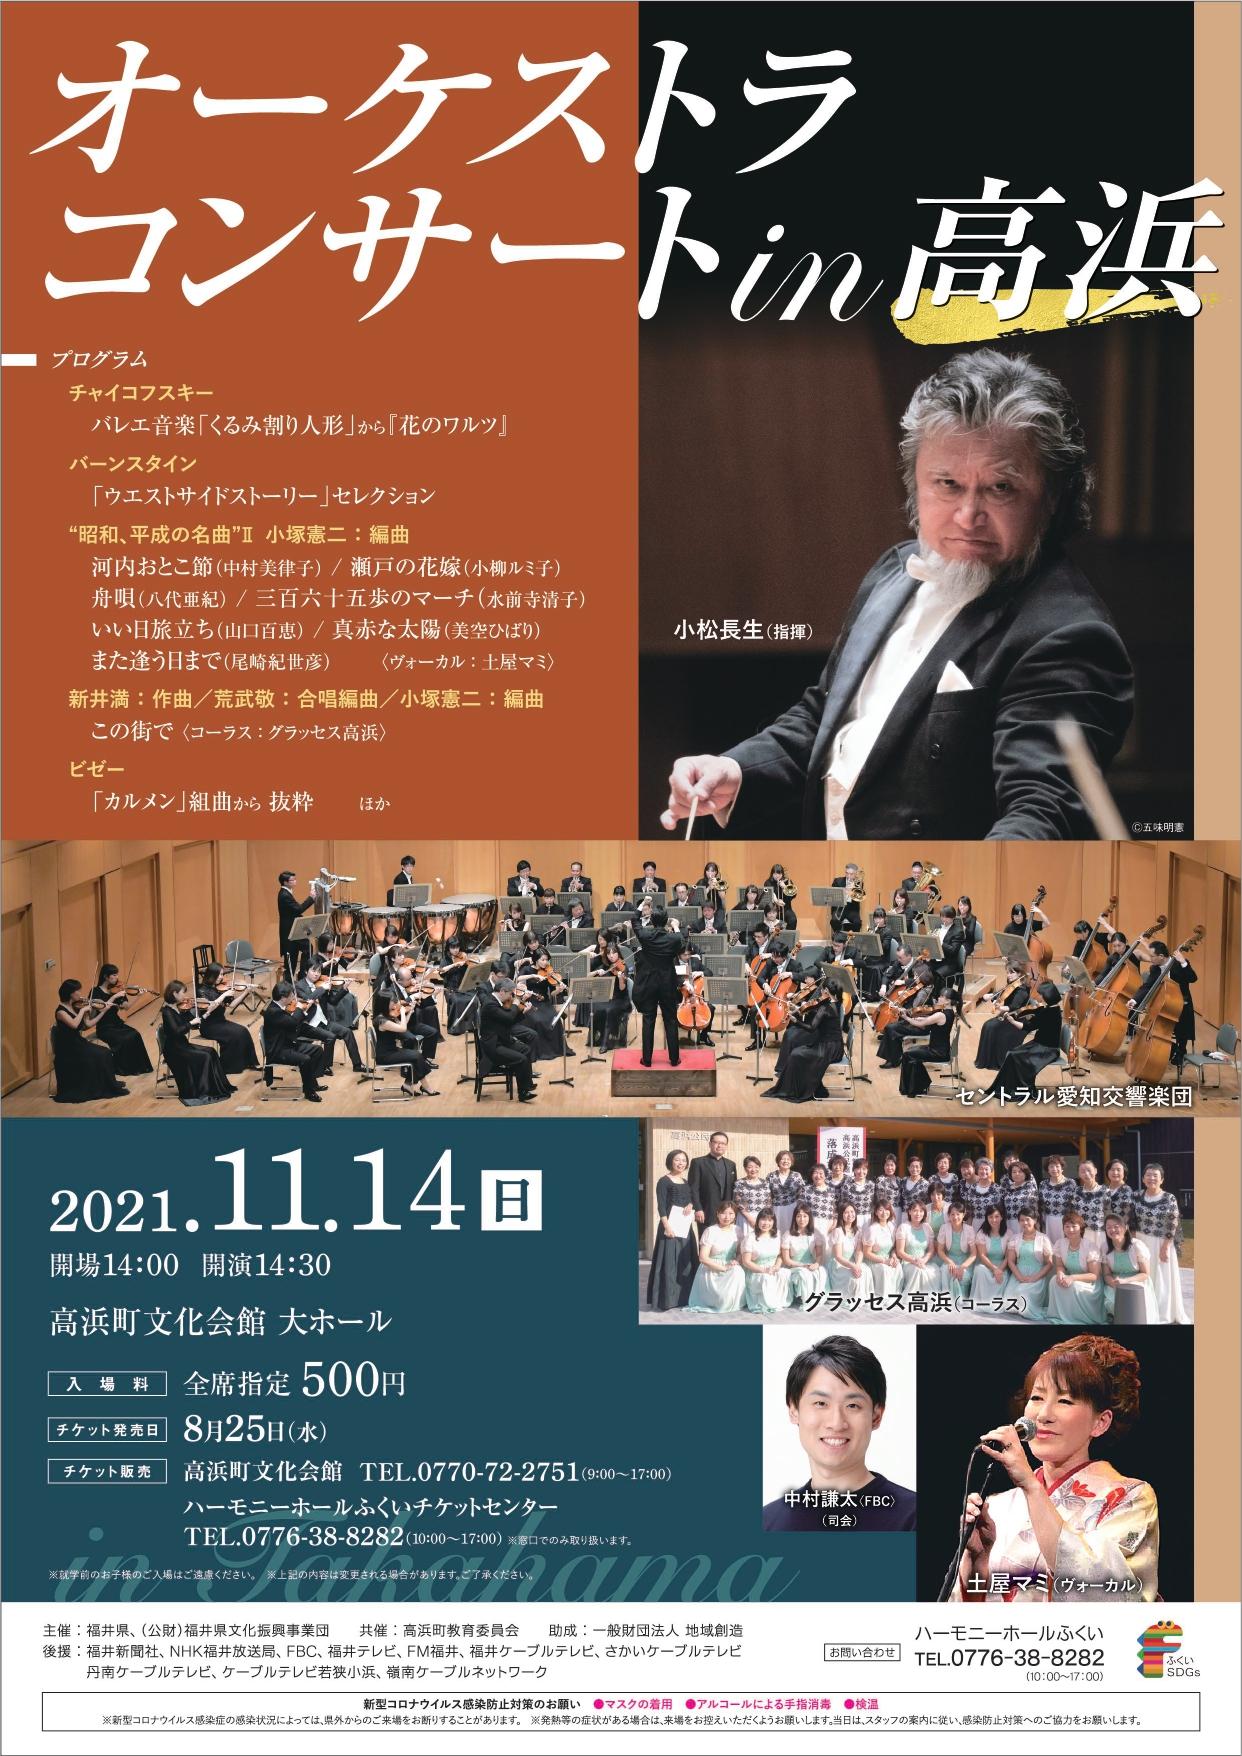 オーケストラコンサート in 高浜